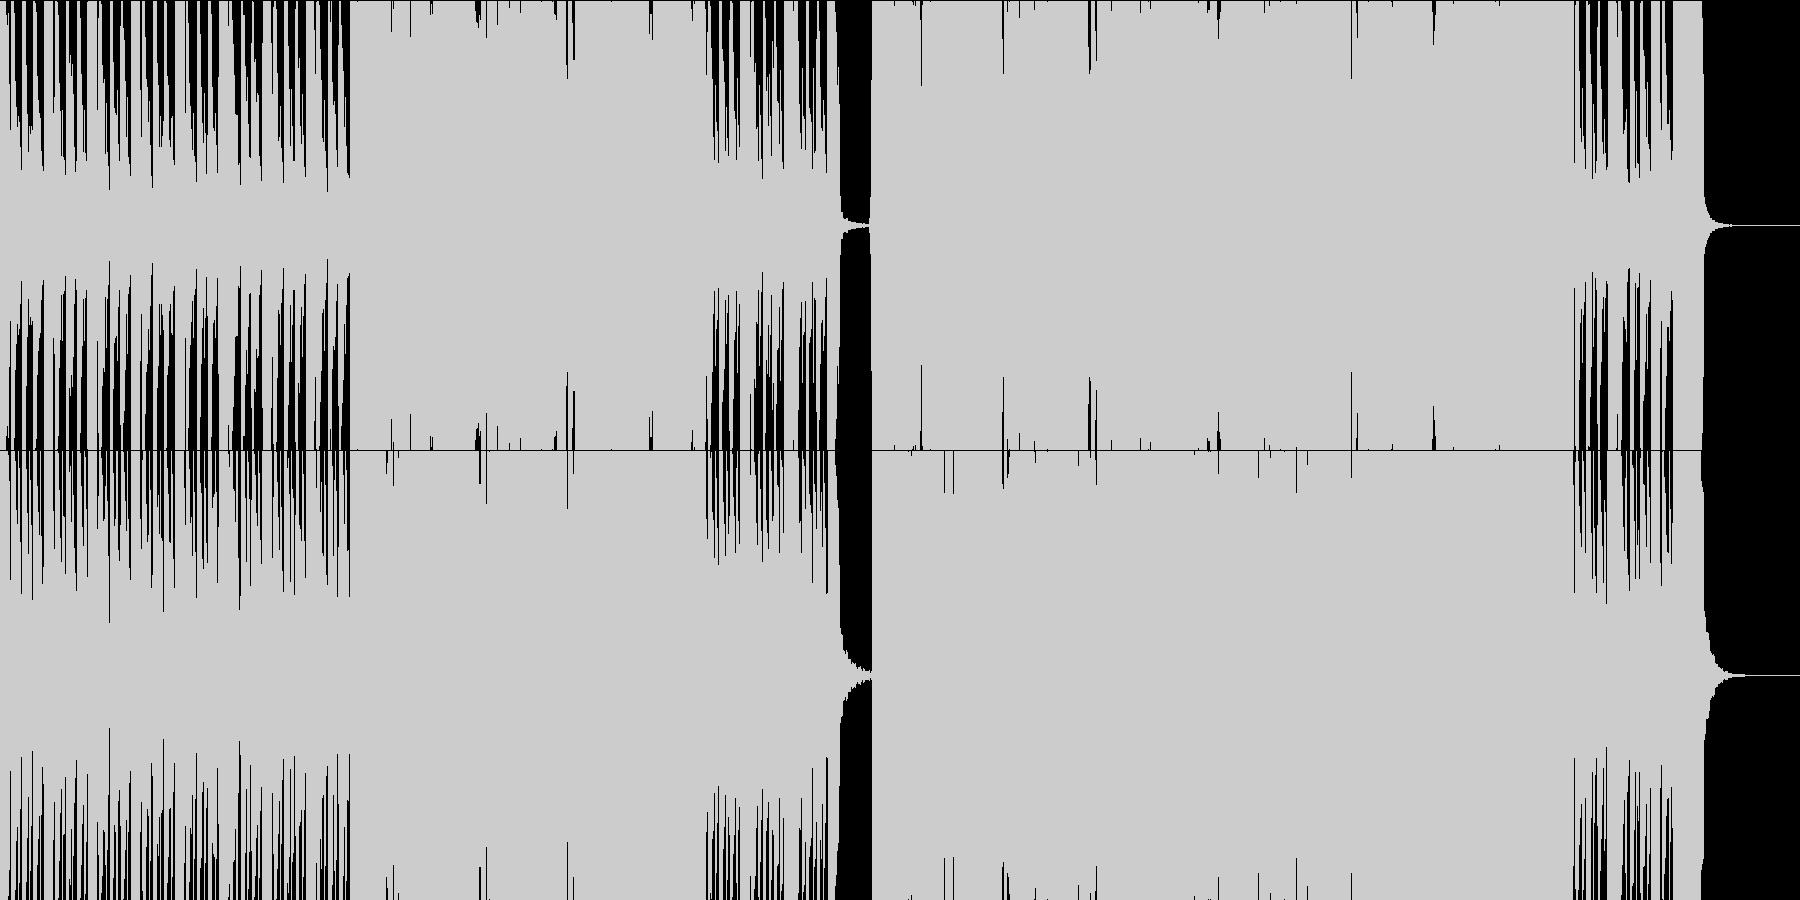 パワフルでダイナミックなロックサウンドの未再生の波形